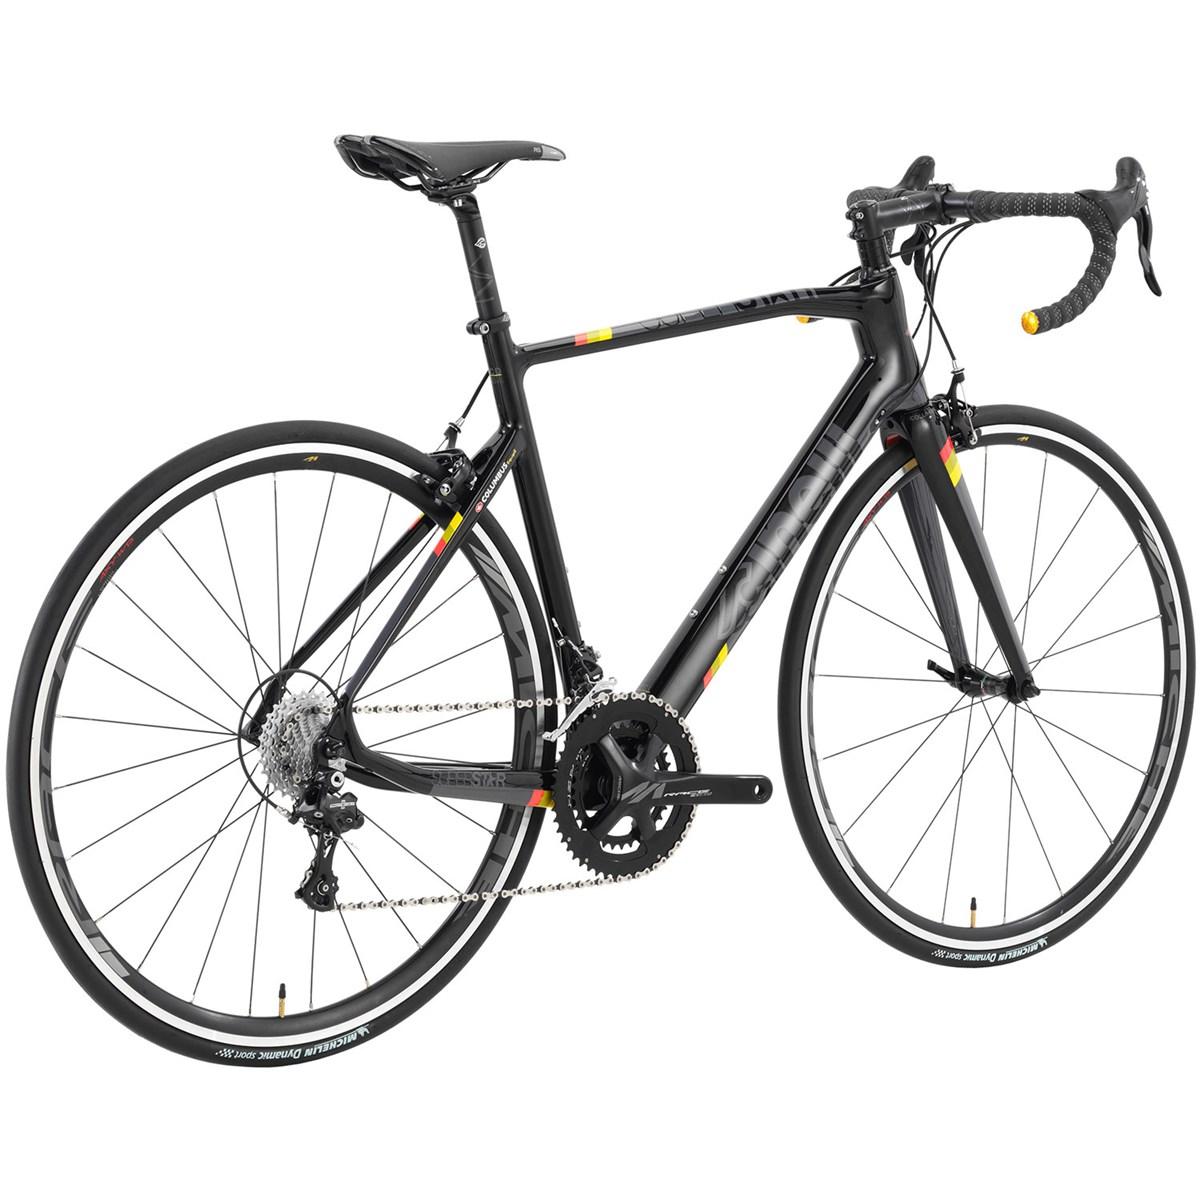 38b1c823b9b Cinelli Superstar Potenza 11 Carbon Road Bike - X Large - EX-Demo ...